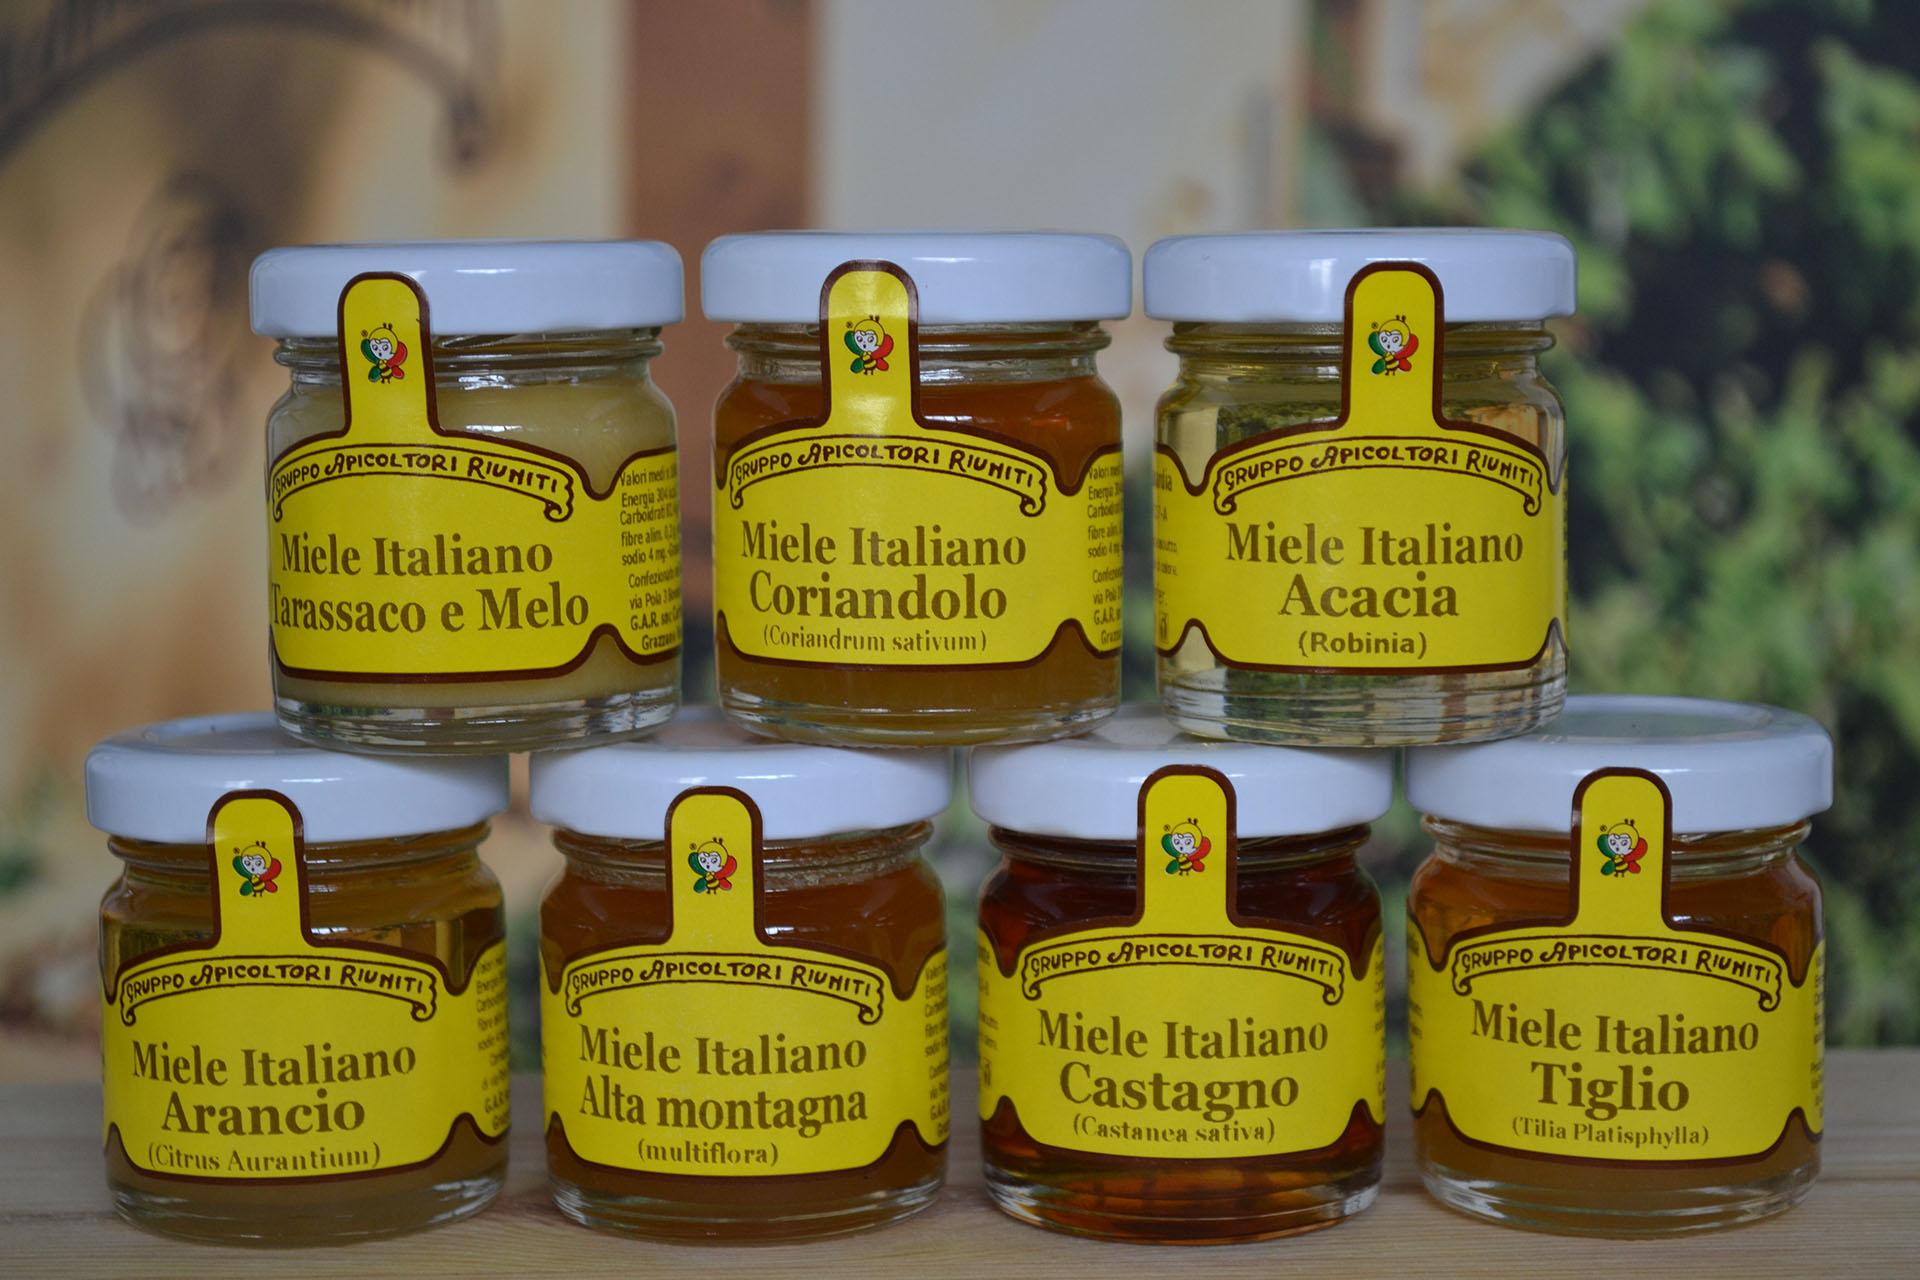 gruppo-apicoltori-riuniti-miele.jpg